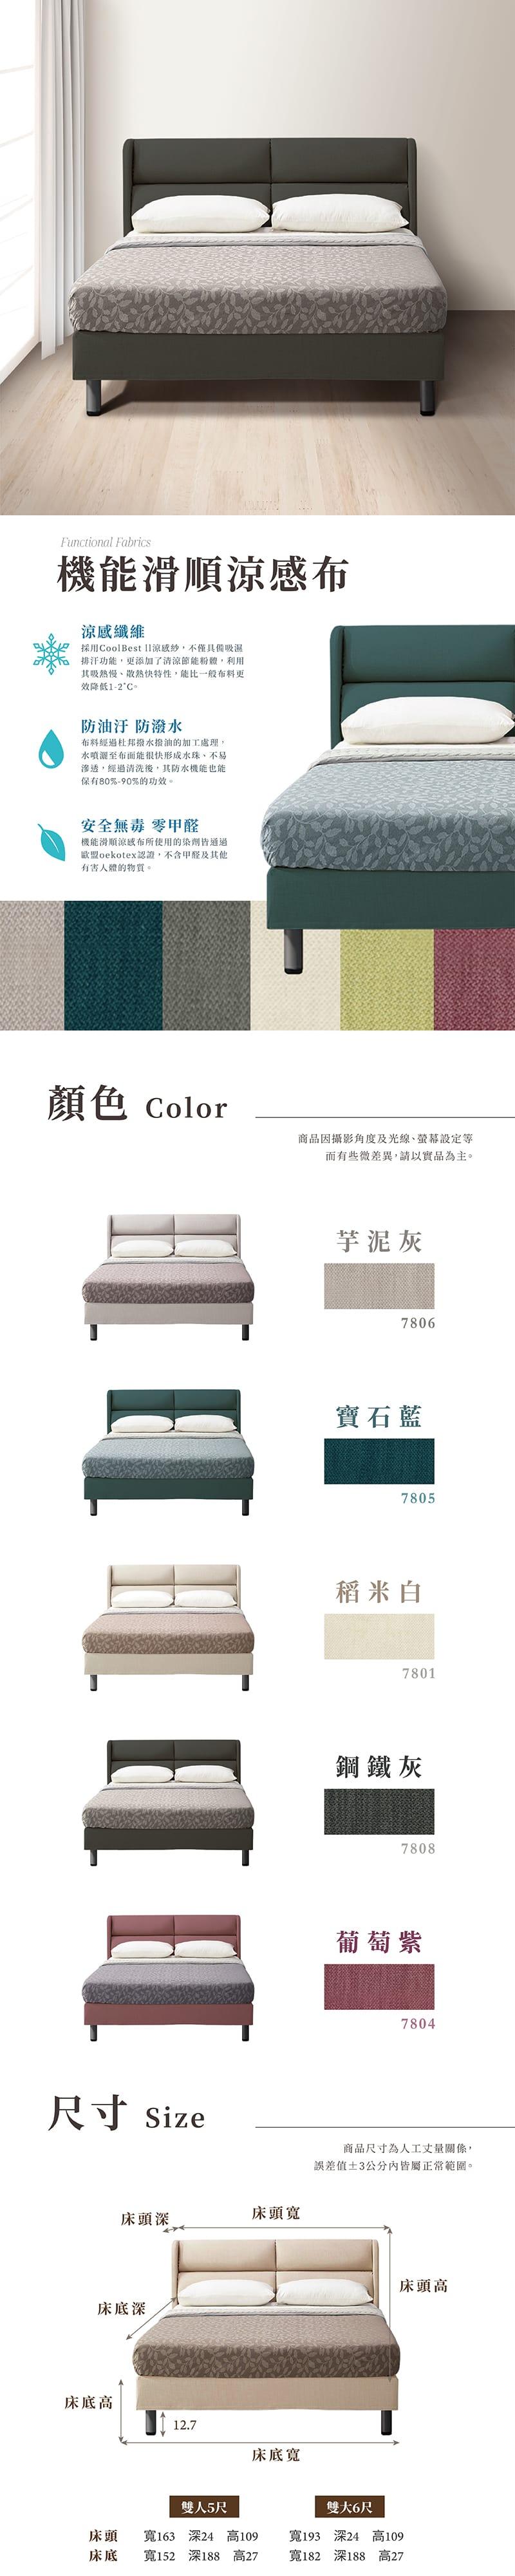 拉比 涼感紗床組兩件 雙人加大6尺(床頭片+床底)